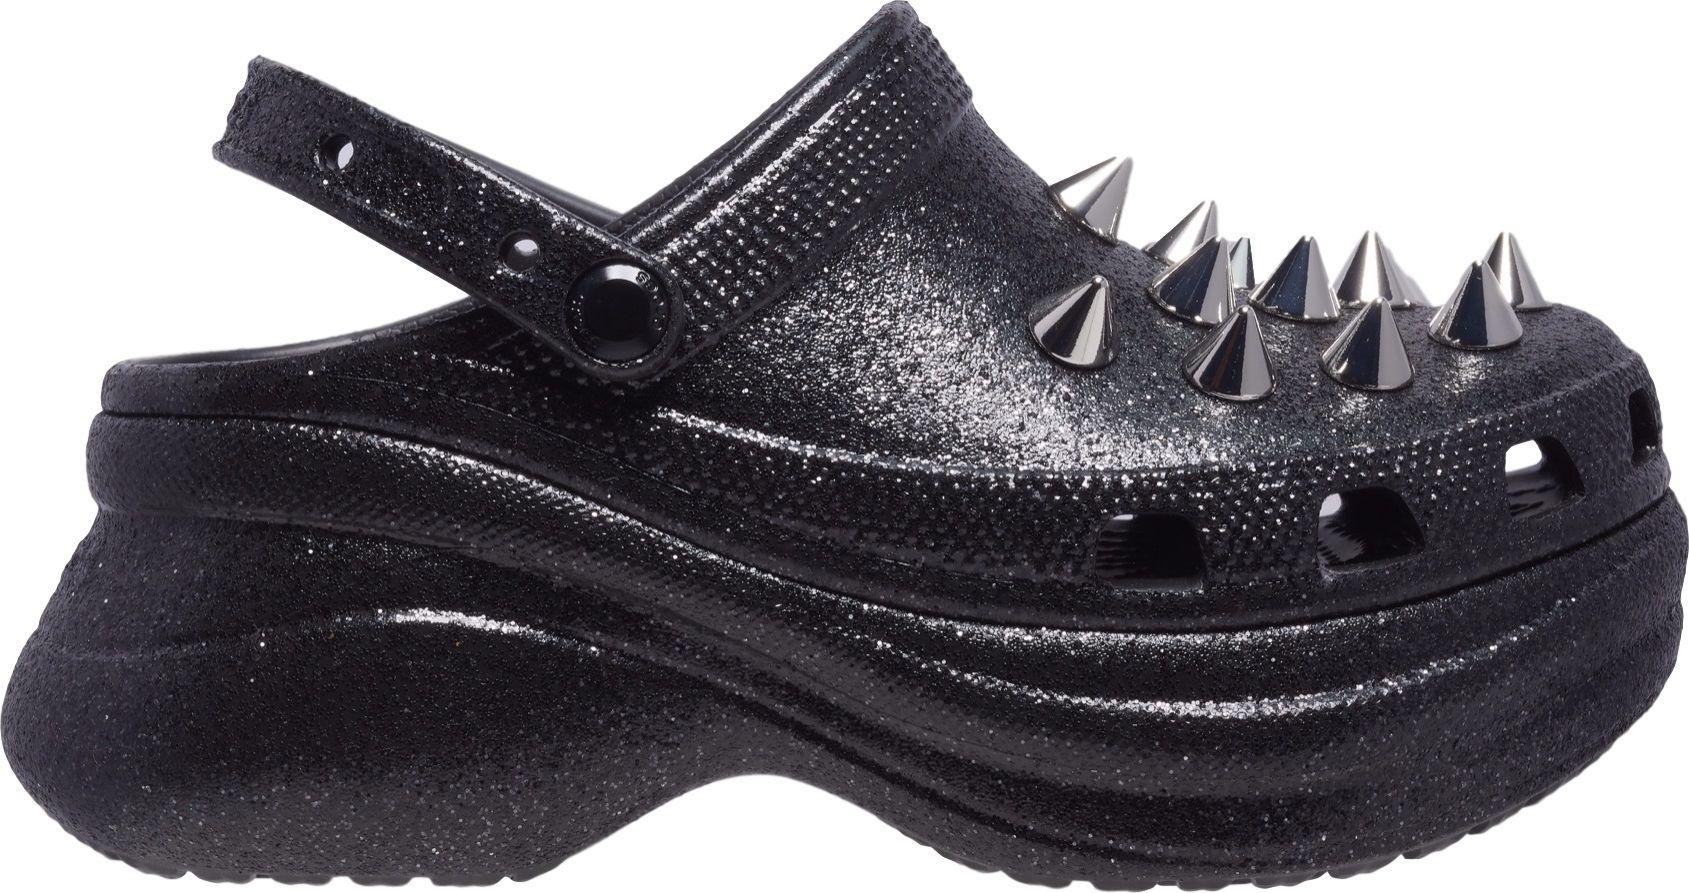 Crocs™ Classic Bae Glitter Stud Clog Black 38,5